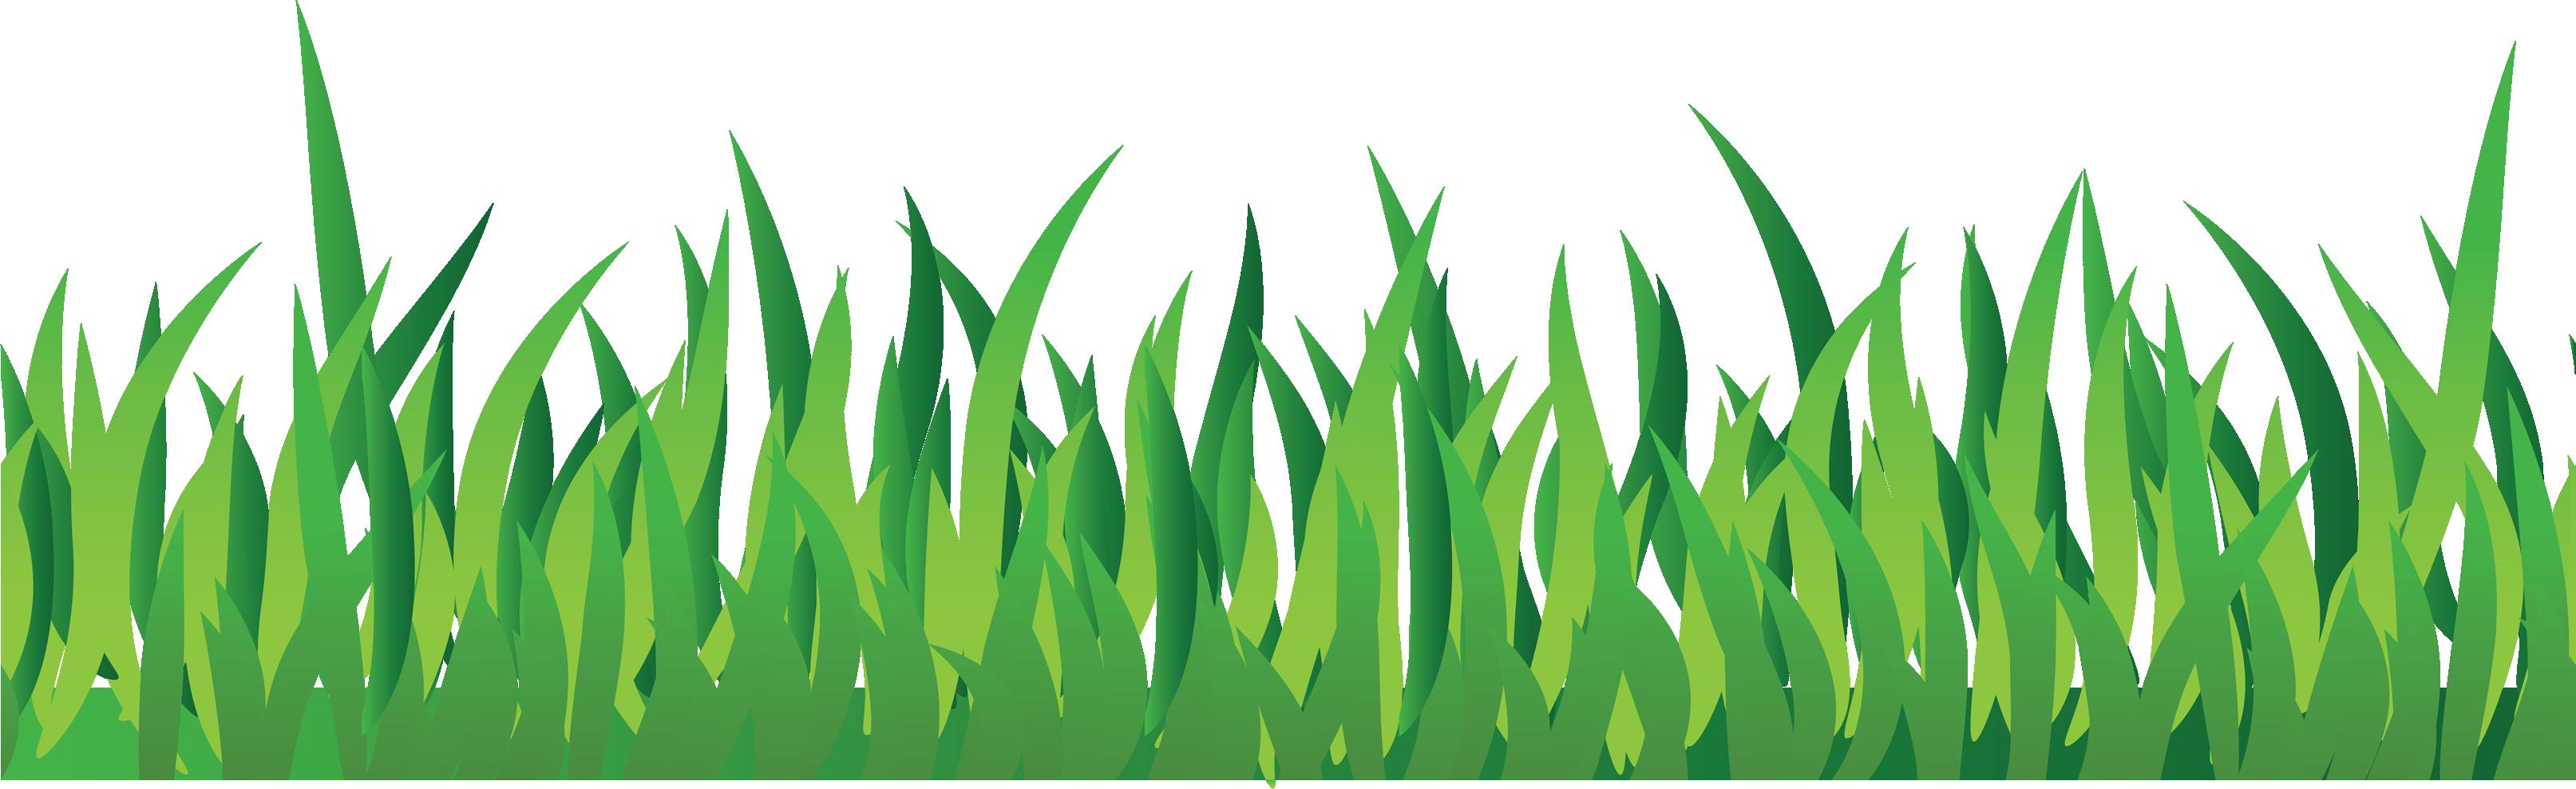 Clipart grass safari. More views y churl